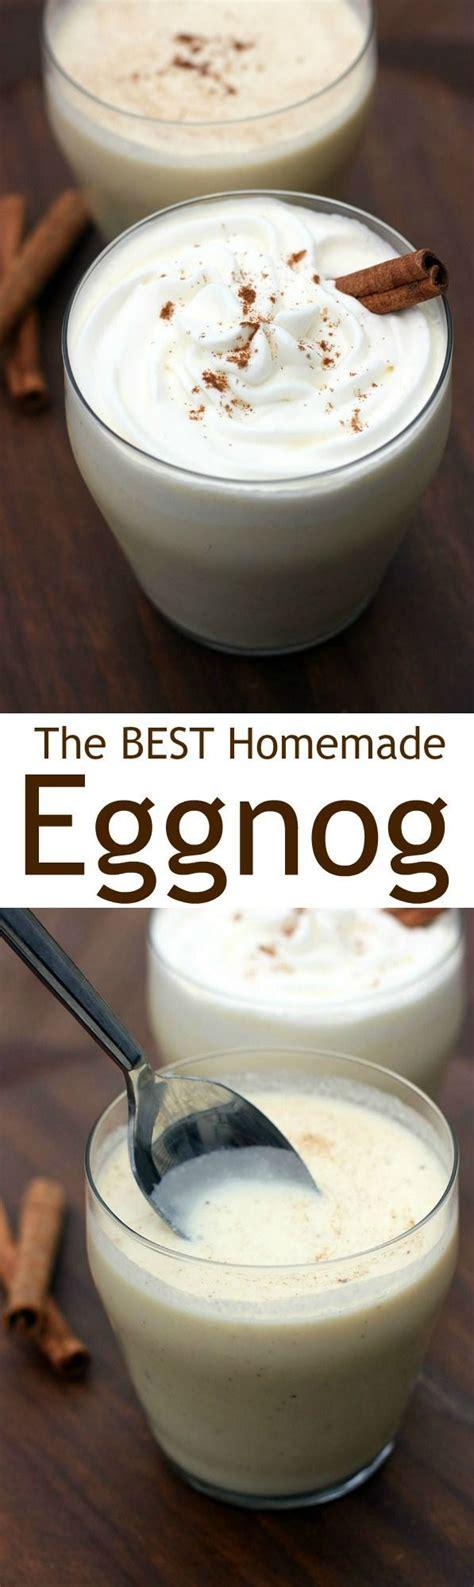 homemade eggnog recipe eggnog treats homemade eggnog